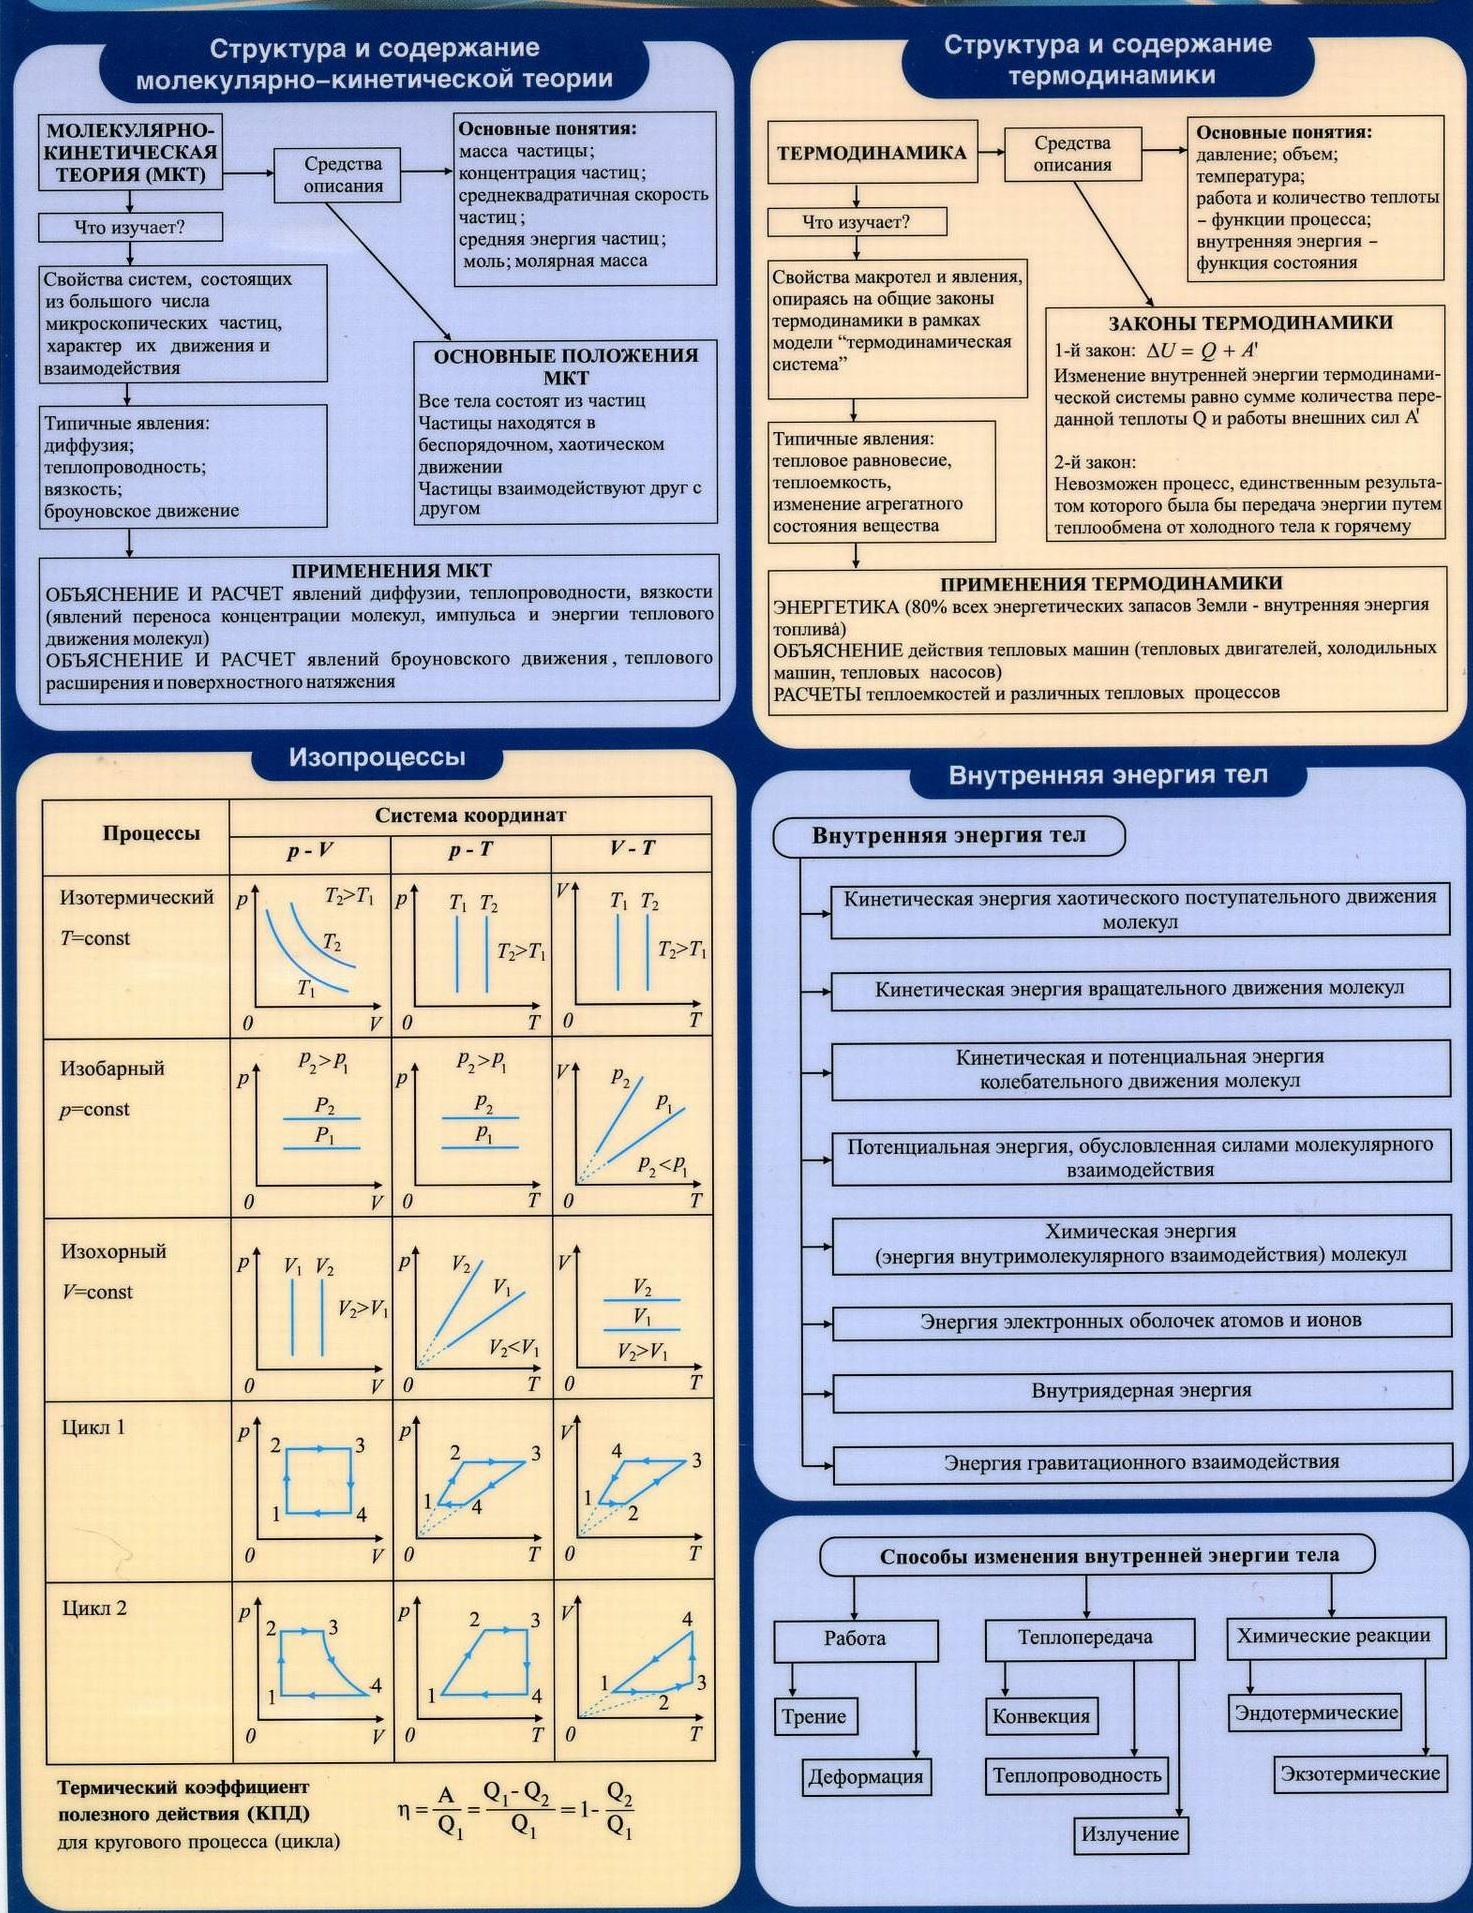 МКТ. Структура и содержание термодинамики. Изопроцессы. Внутренняя энергия тел. Изотерма, изобара, изохора, тепловые циклы.